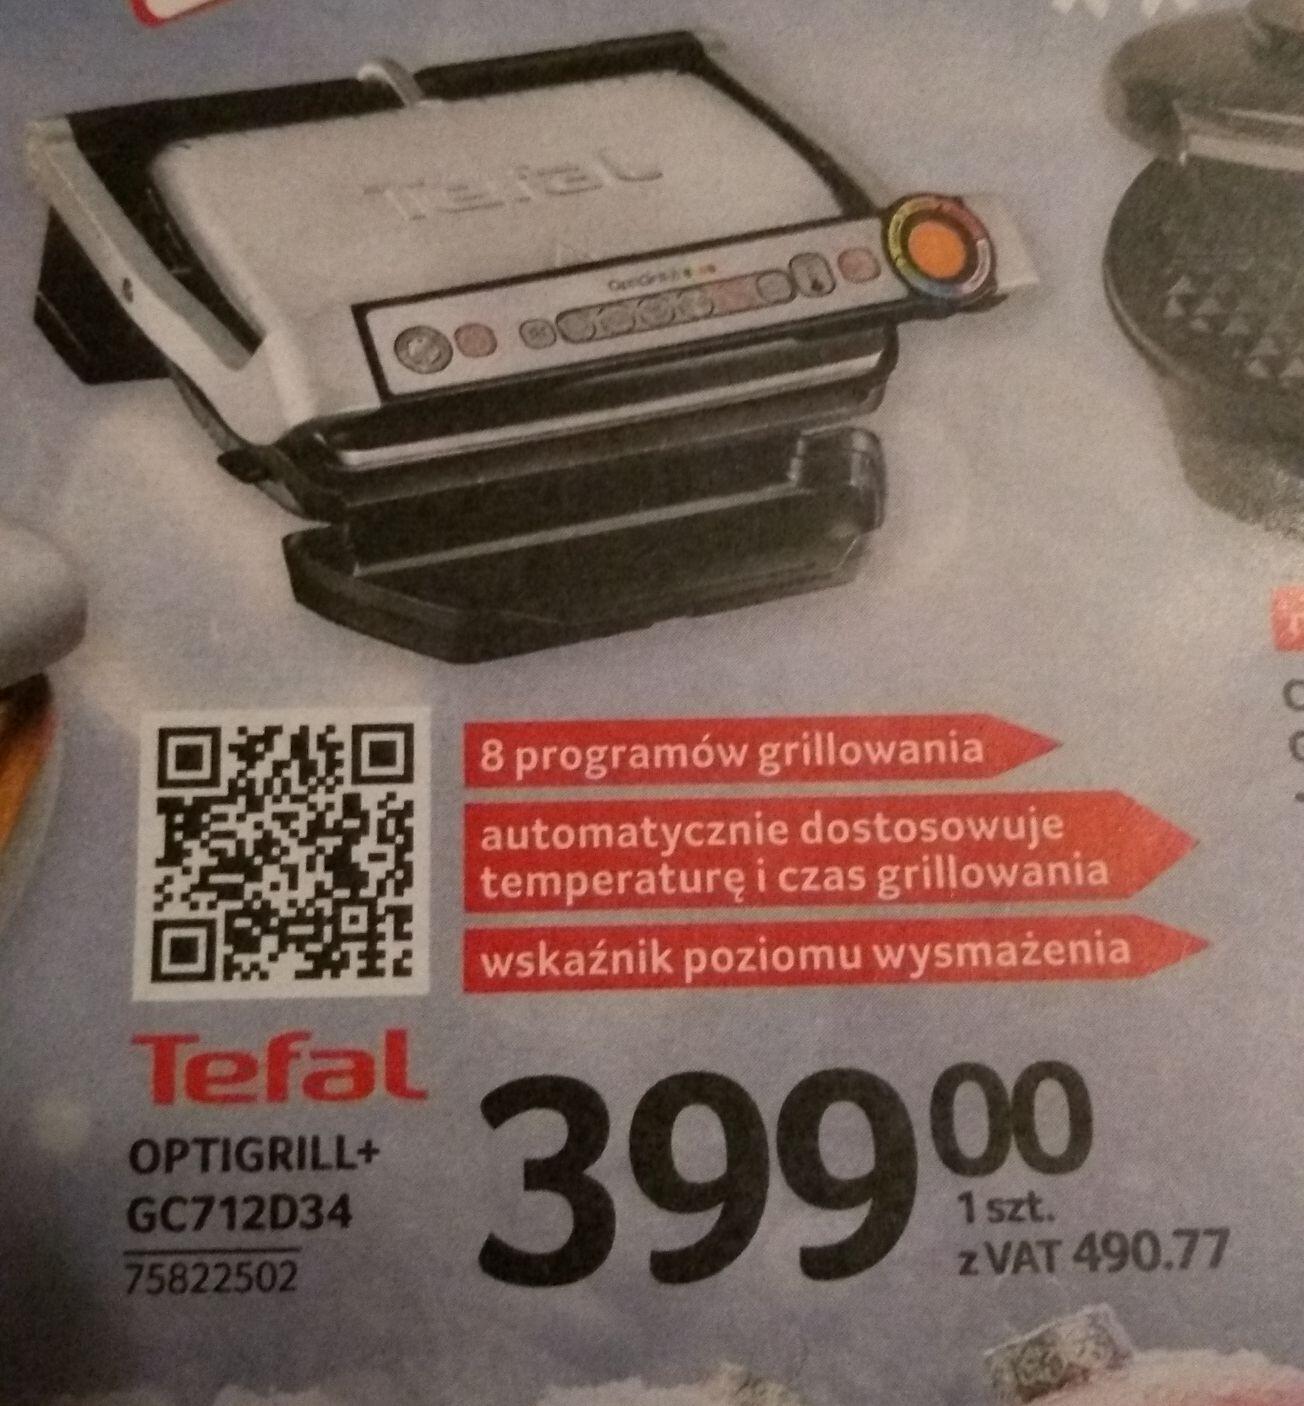 Tefal Optigrill+ GC712D34 w Selgros